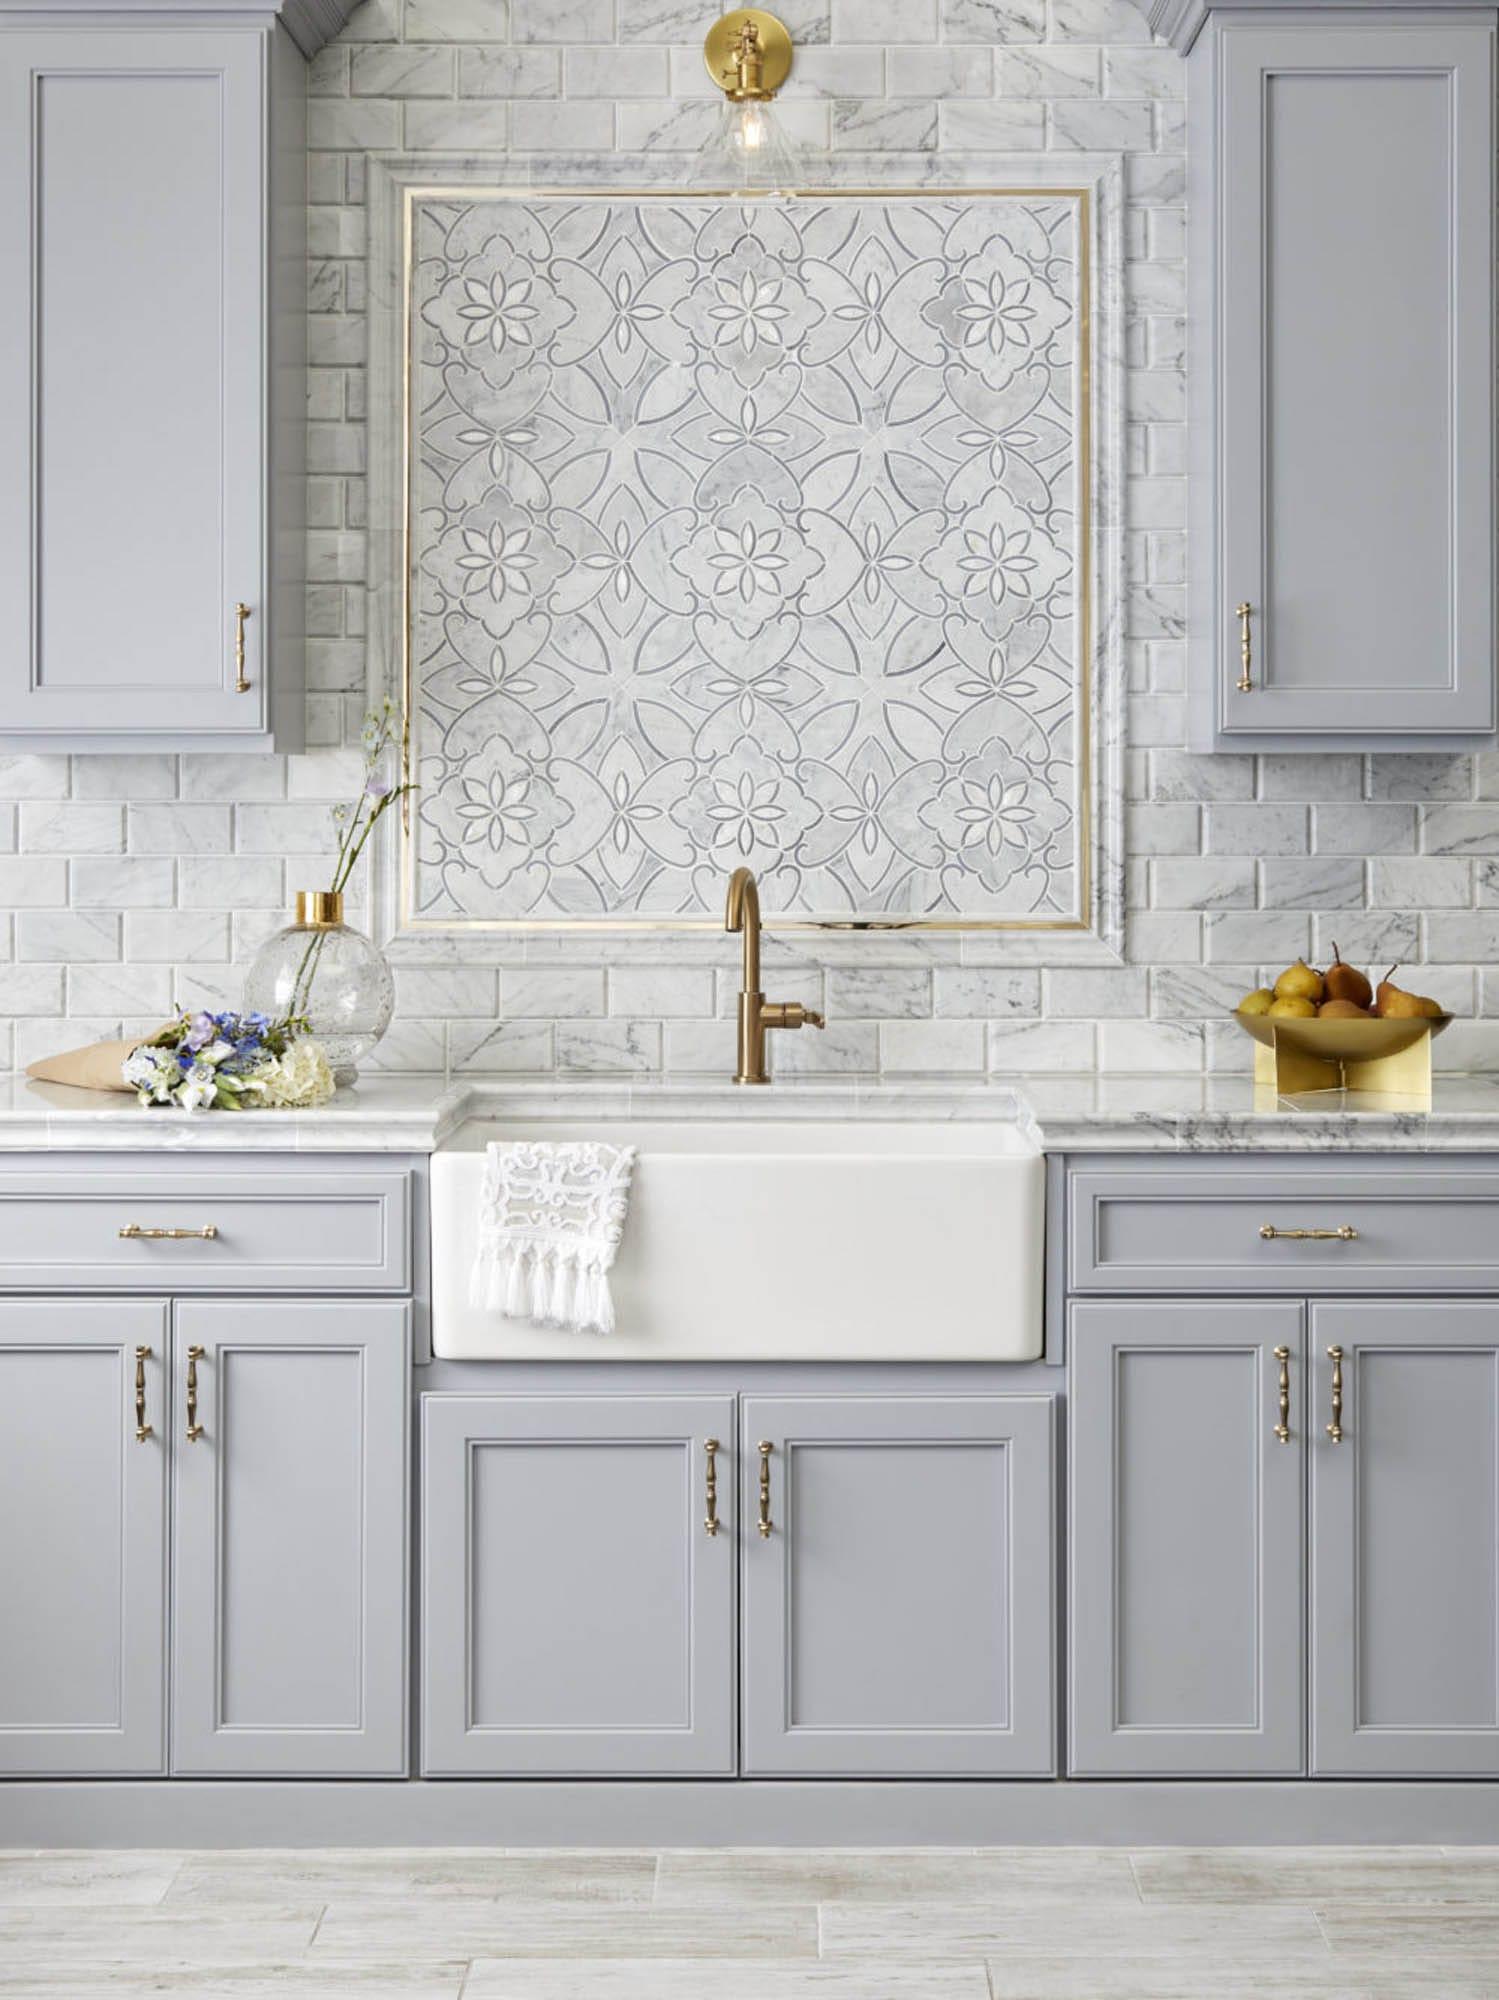 Mosaic kitchen backsplash frame